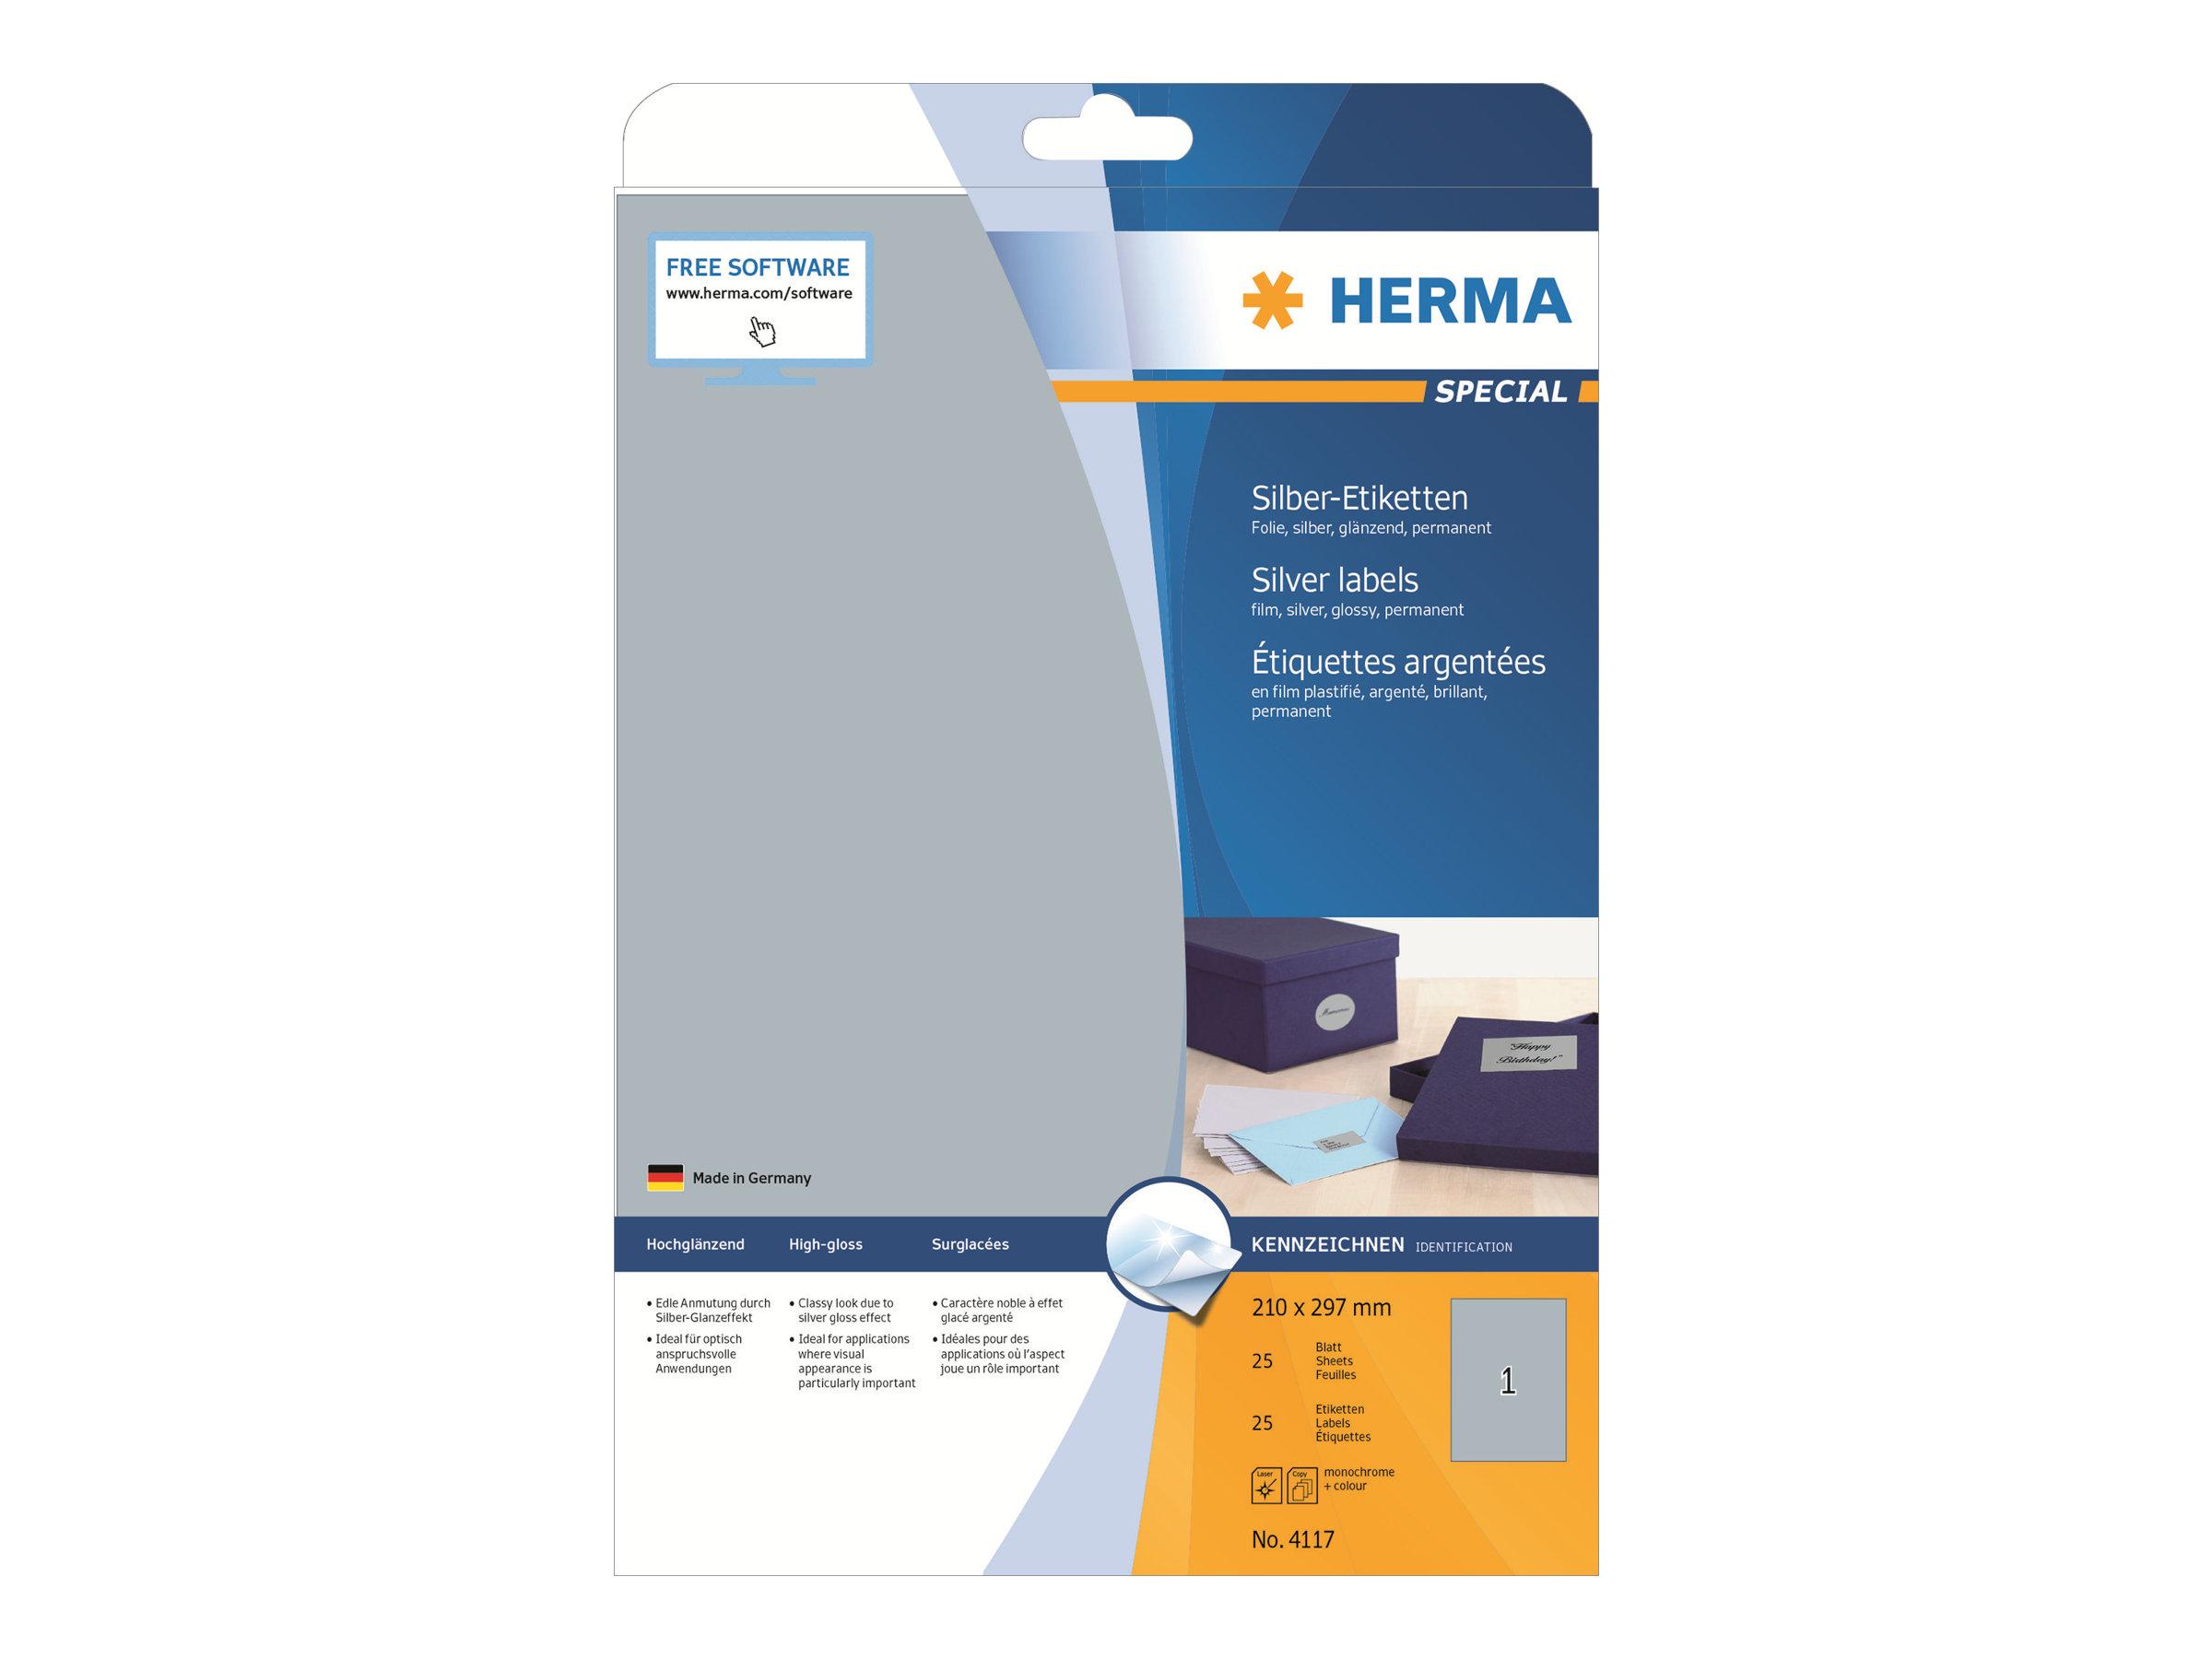 HERMA Special - Polyester - glänzend - permanent selbstklebend - Silber - A4 (210 x 297 mm)